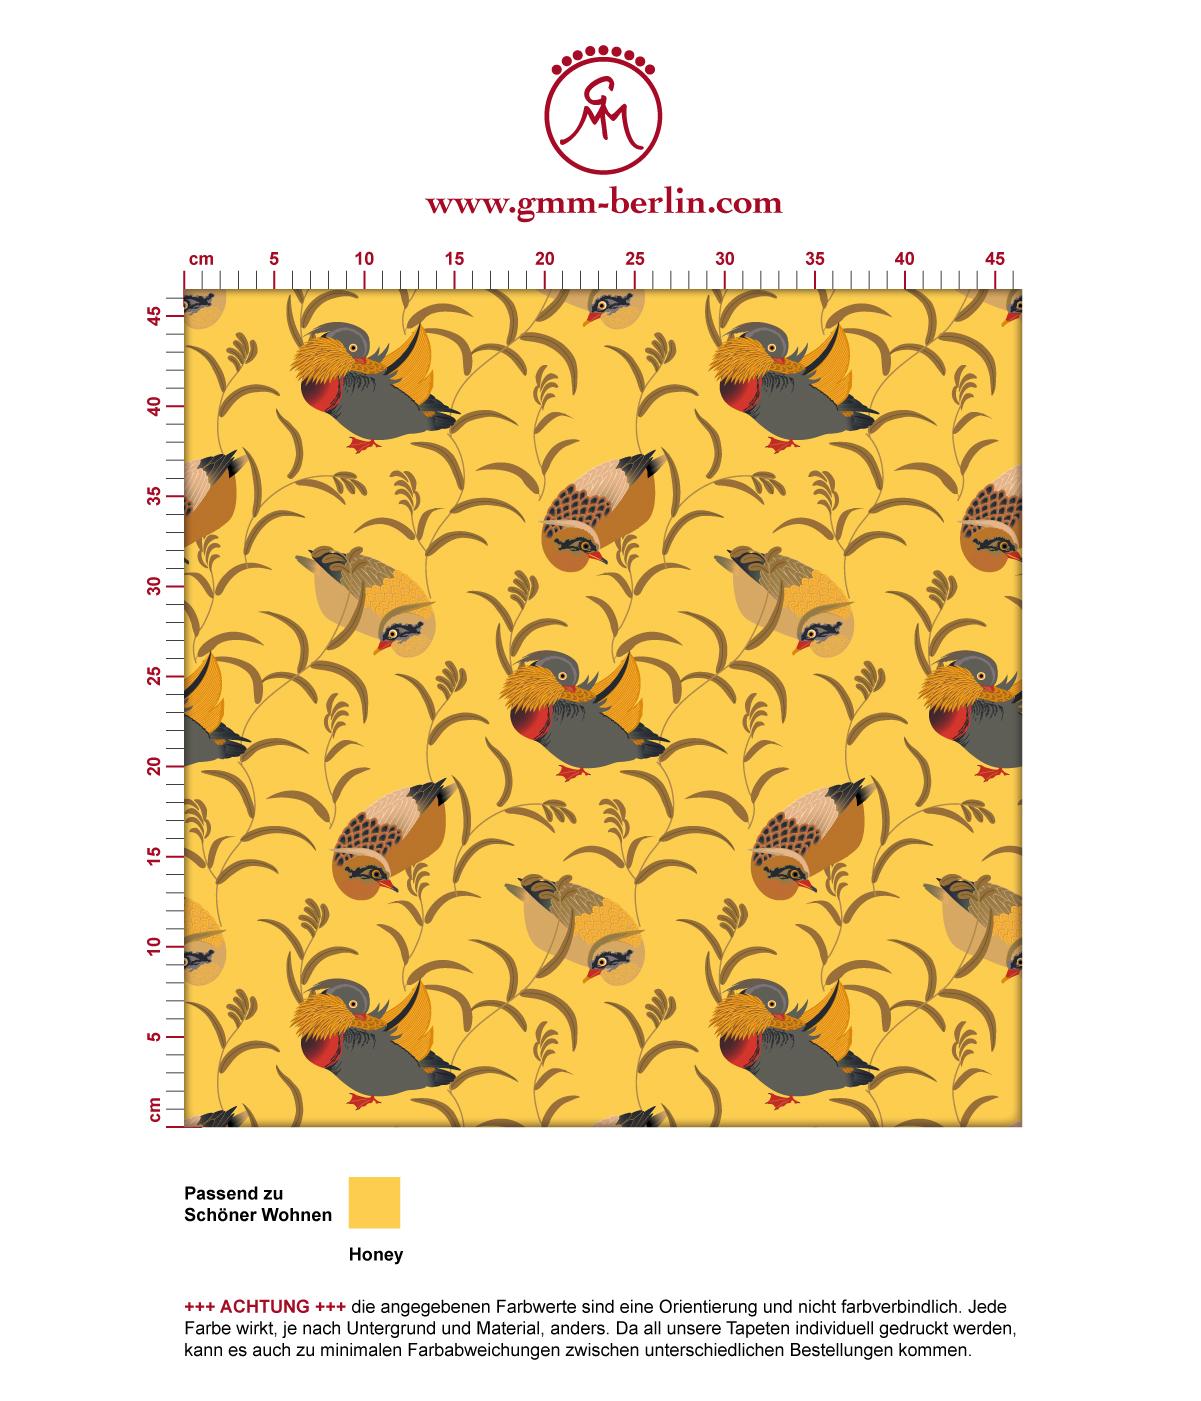 """Vlies Tapete """"Im Schlossteich"""" mit Enten im Schilf in gelb angepasst an Schöner Wohnen Wandfarben 3"""